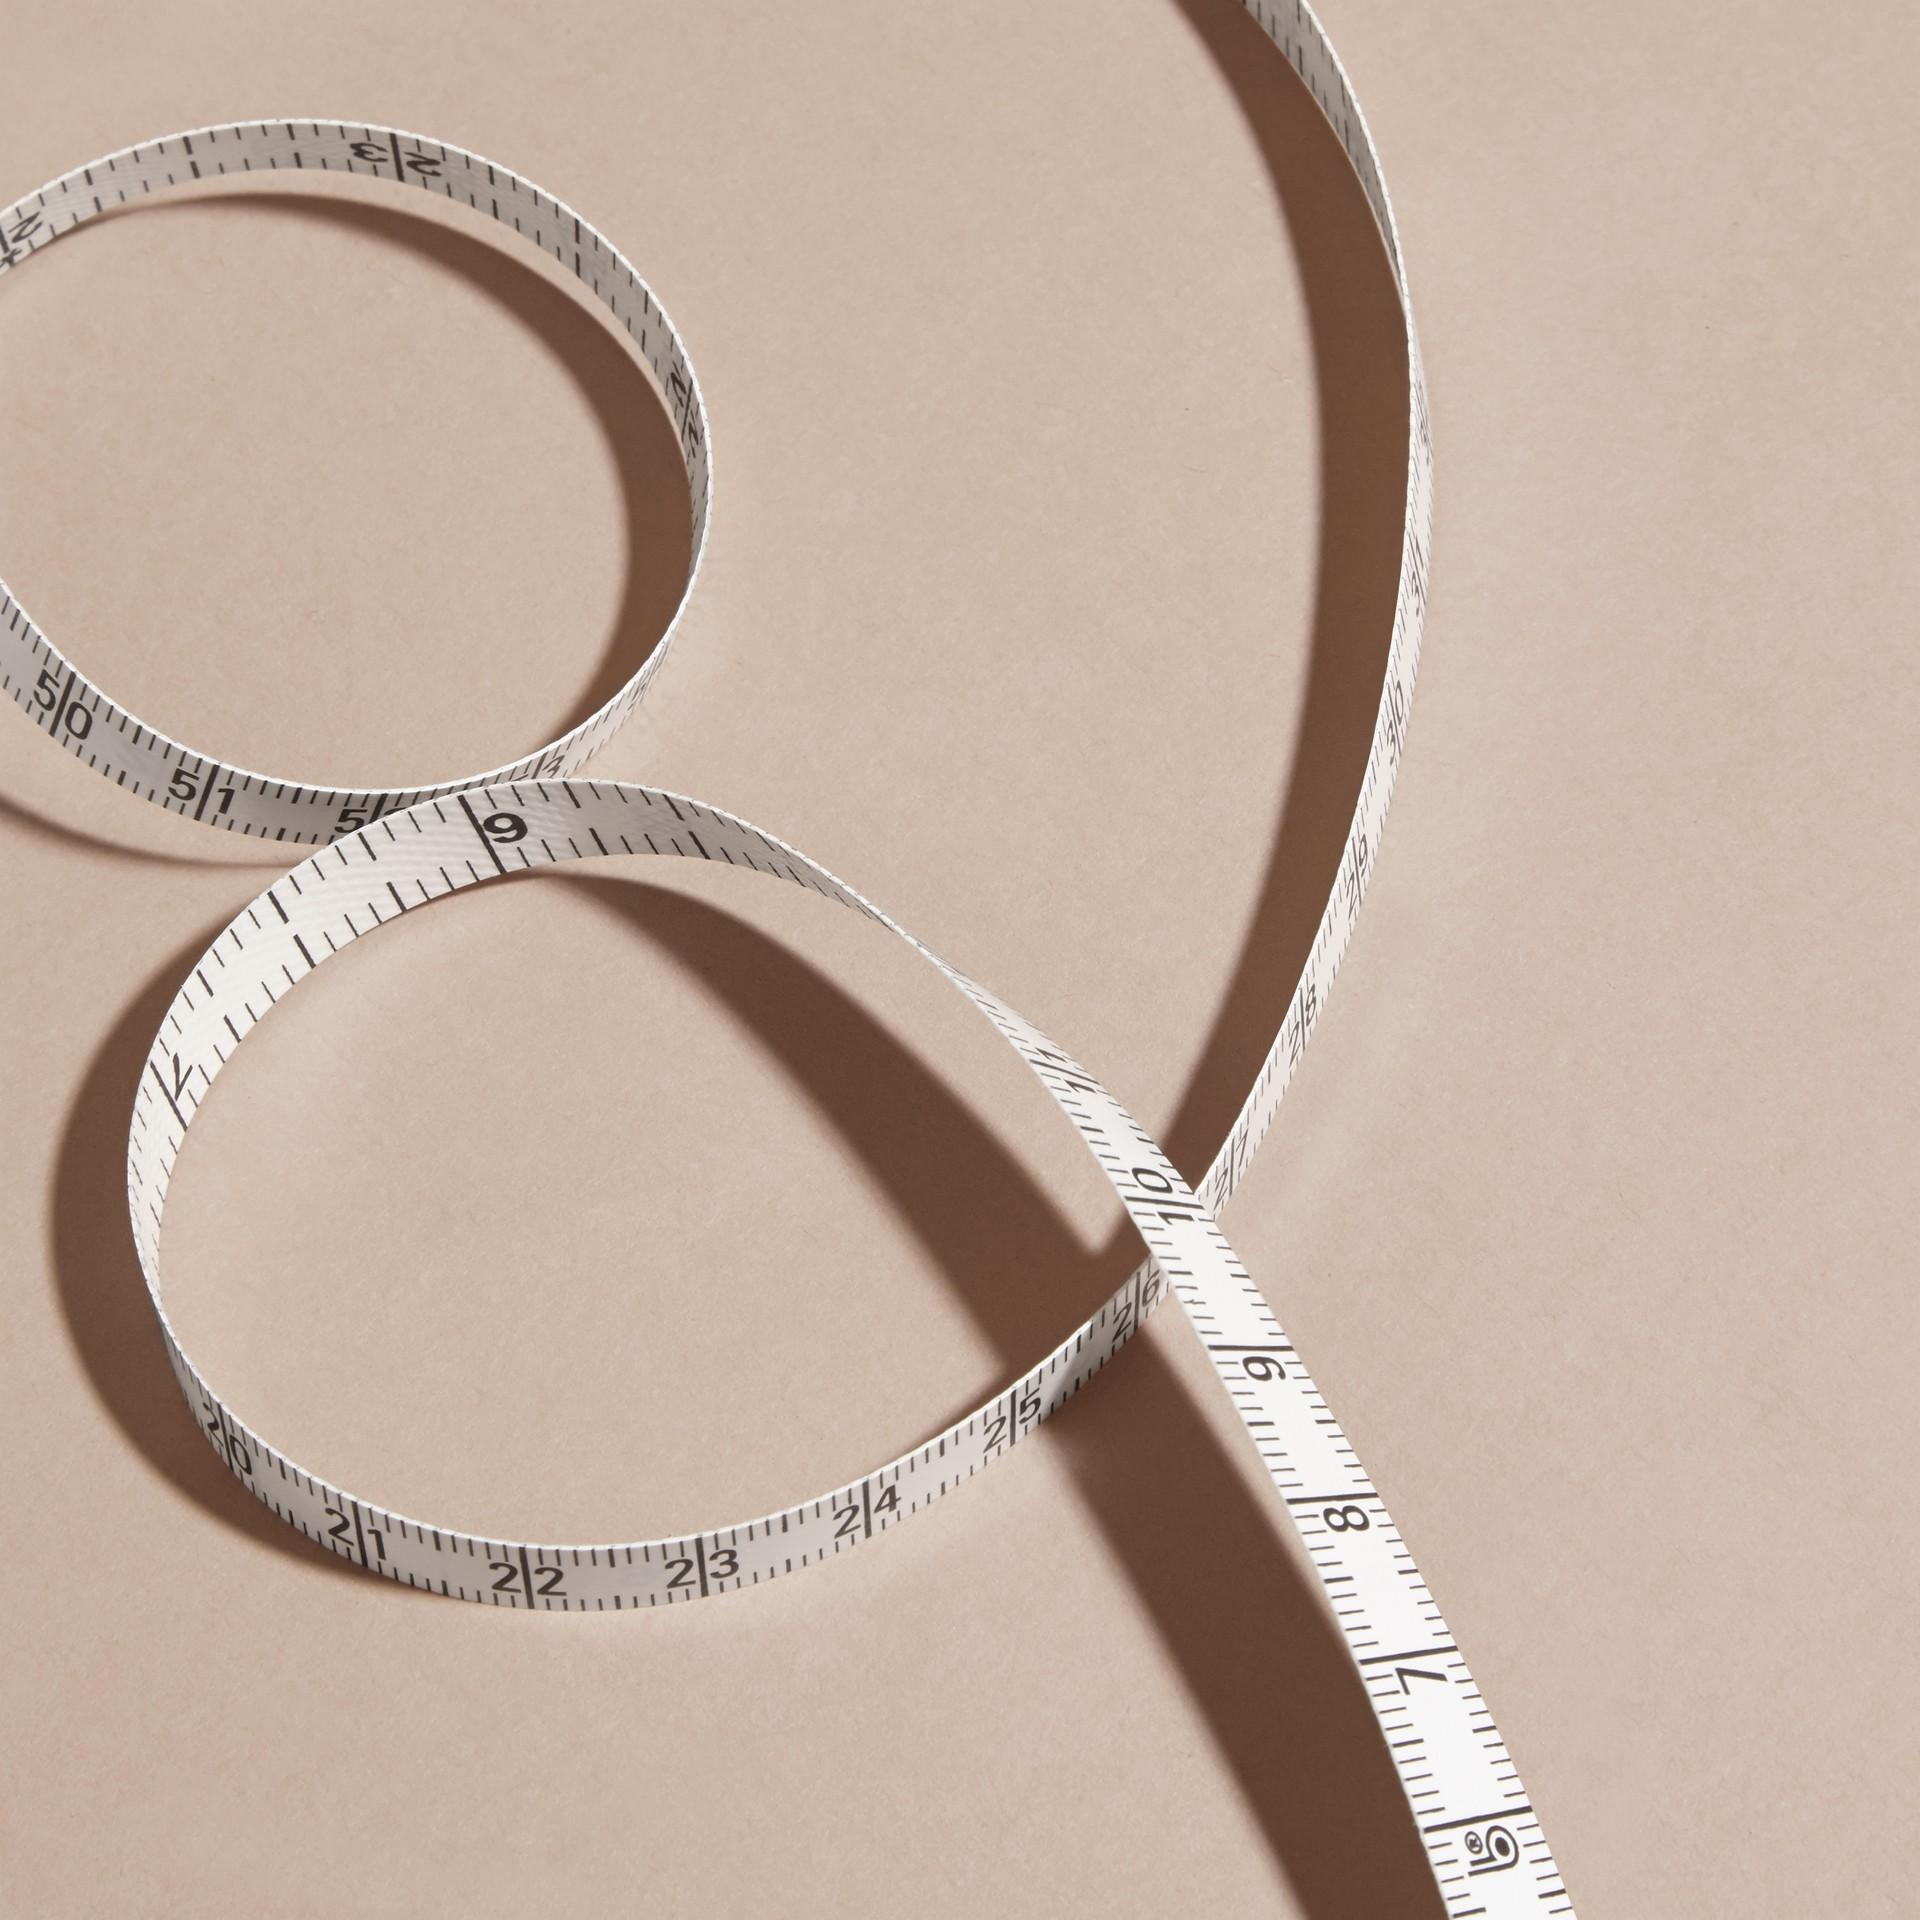 Preto Fita métrica com estojo de couro granulado - galeria de imagens 2